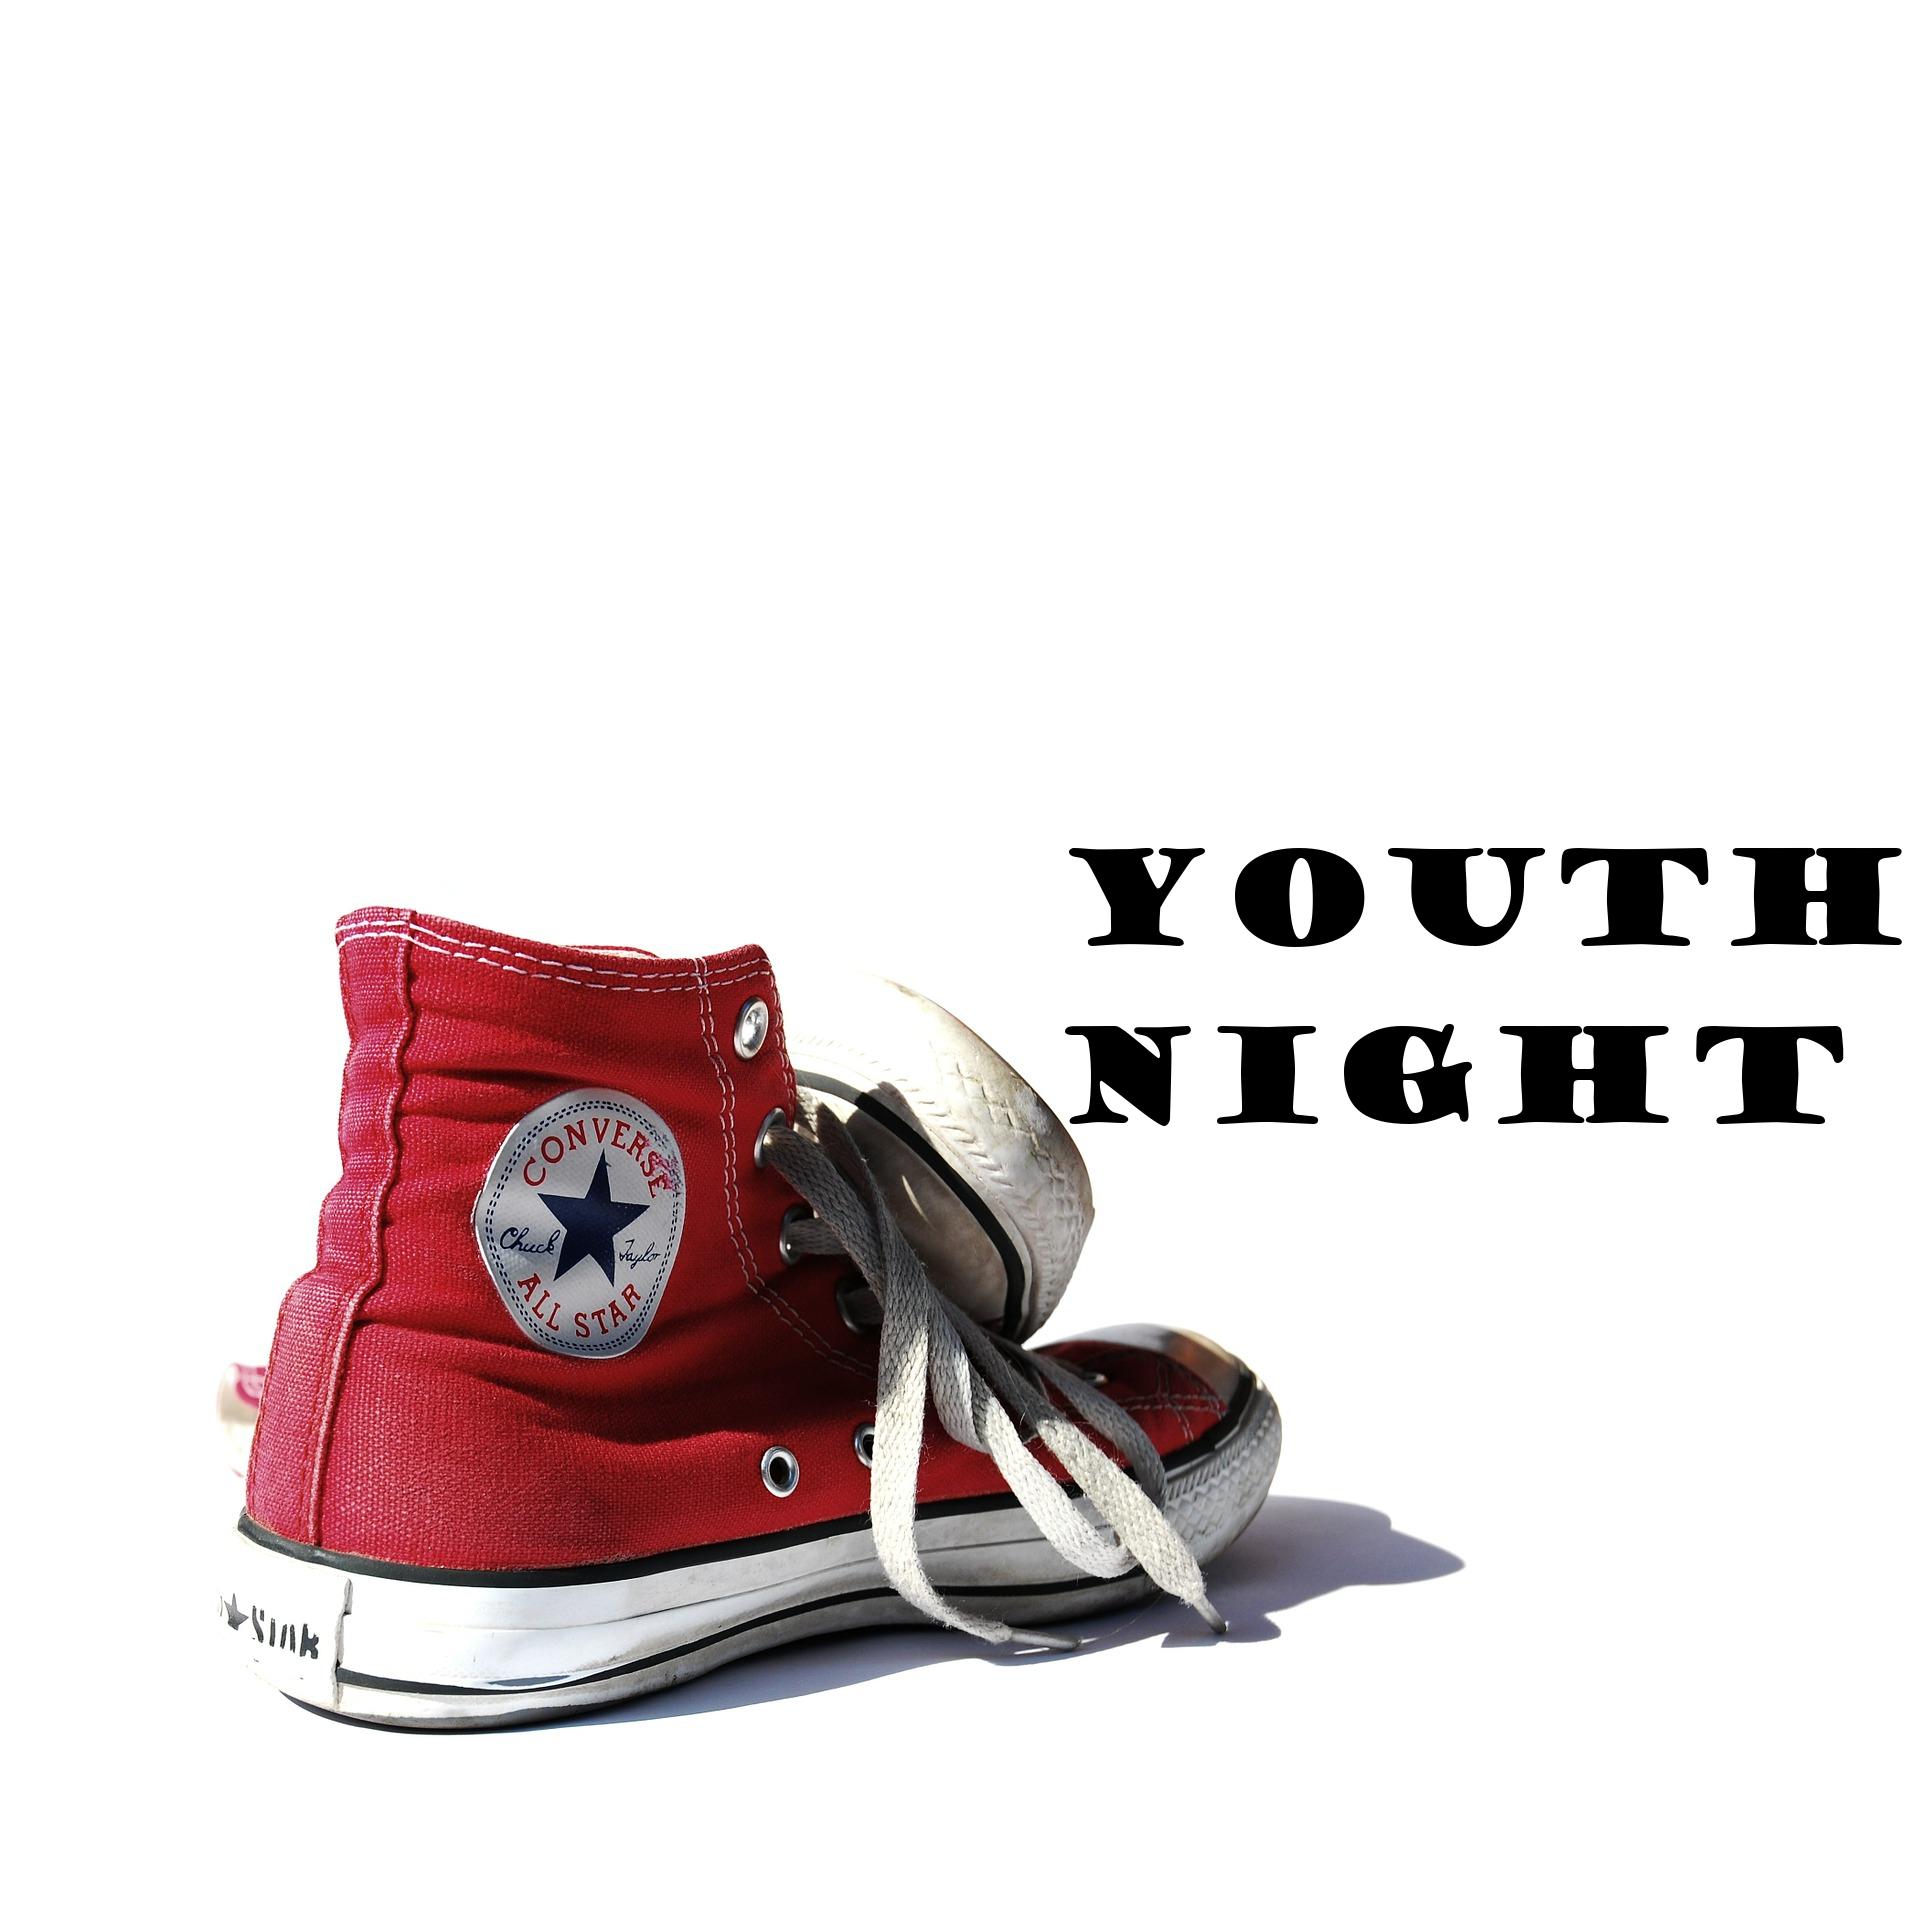 YouthNight - Junge Leute treffen sich! Der Link folgt ...bald!